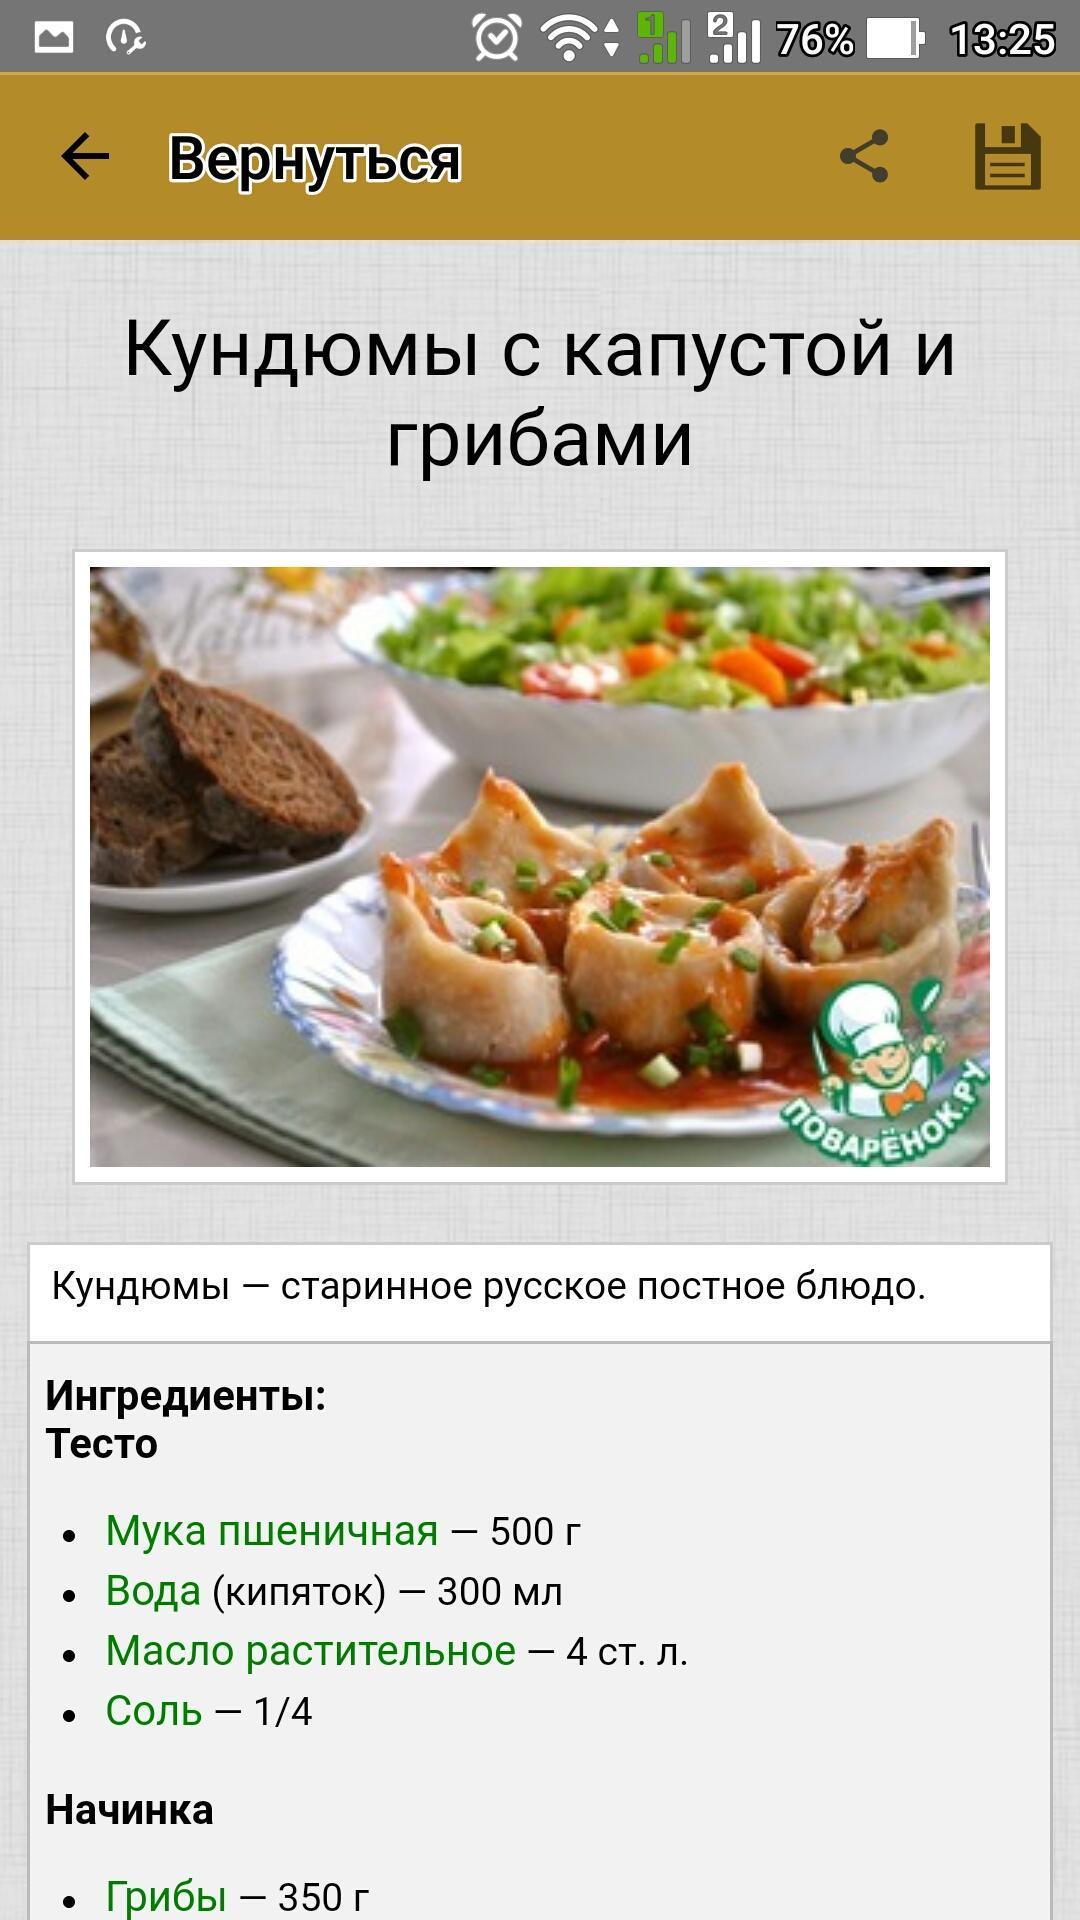 Хинкали — рецепты приготовления в домашних условиях